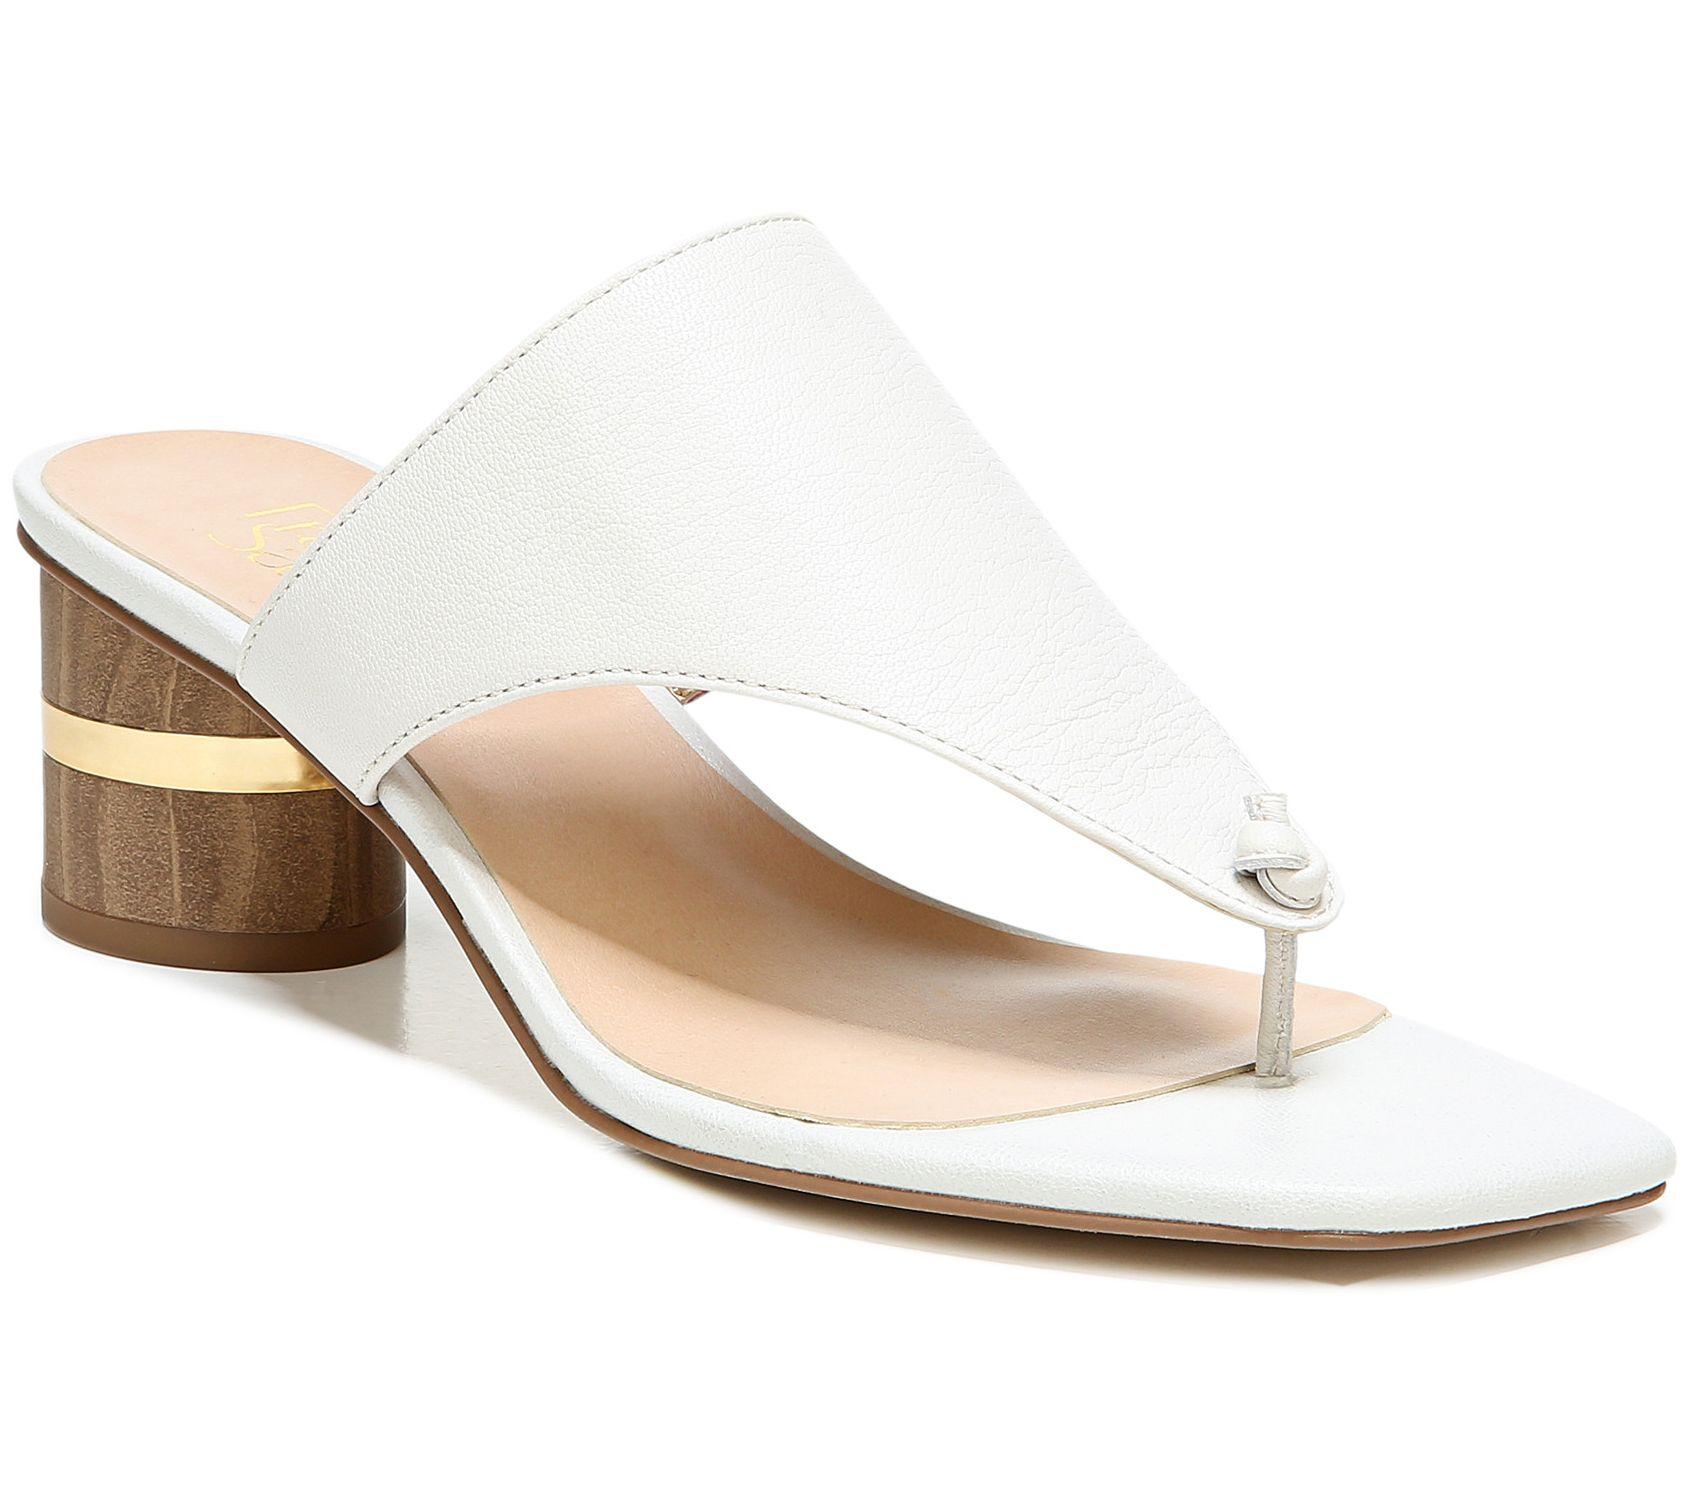 Franco Sarto Womens DOE Fashion Sandals